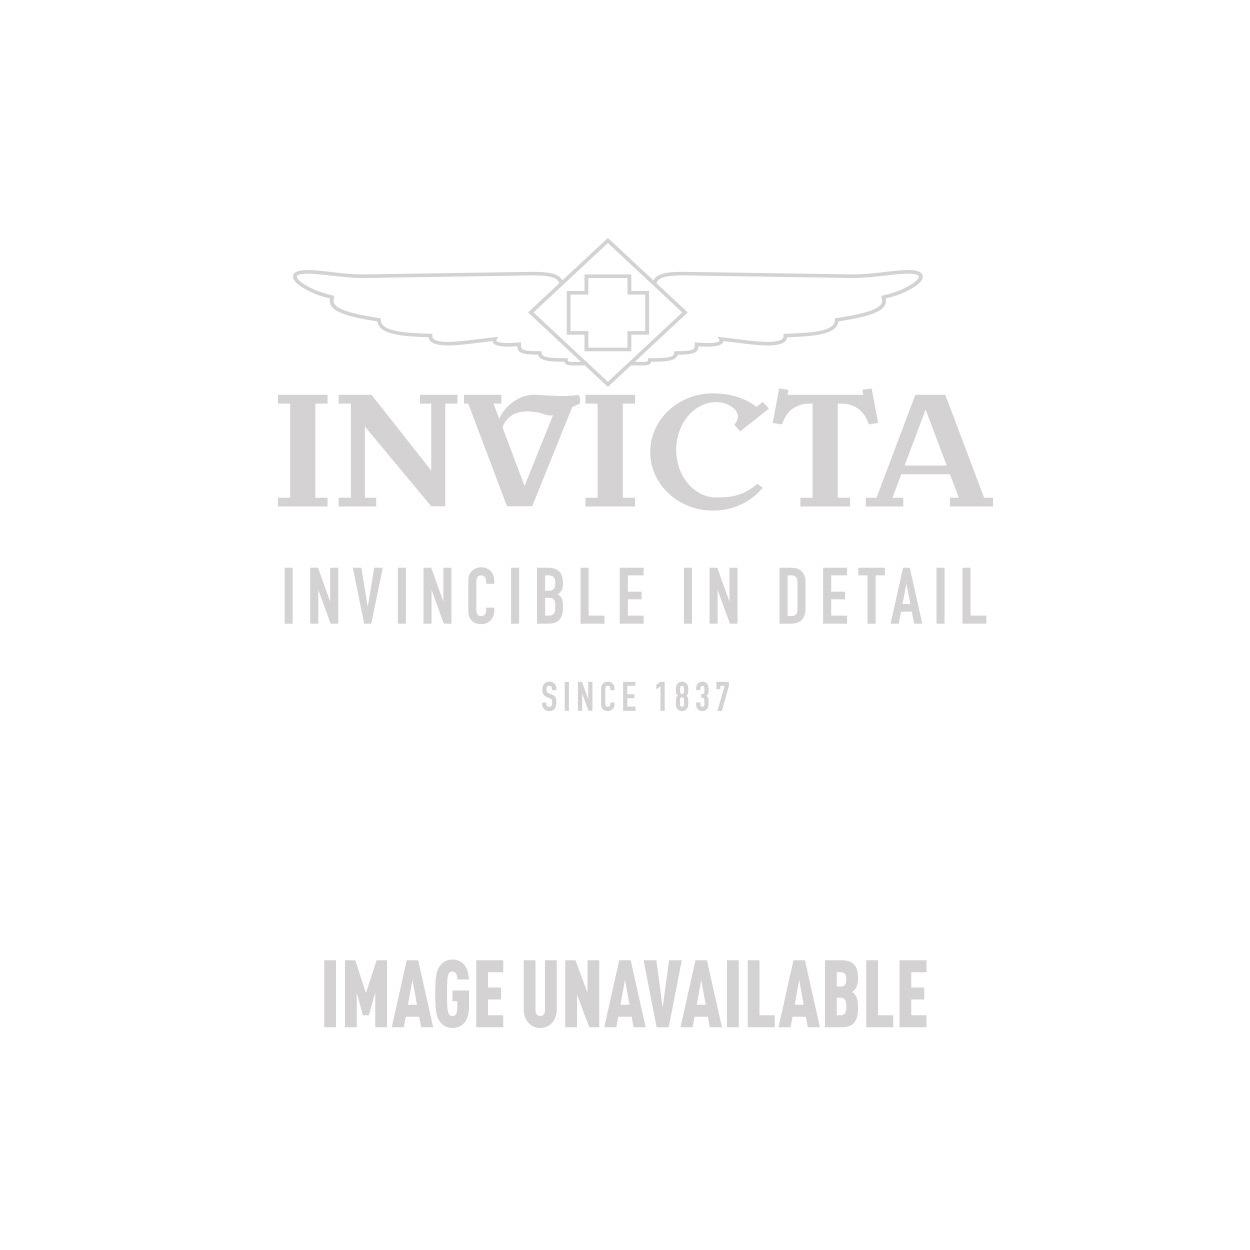 Invicta Model 29667